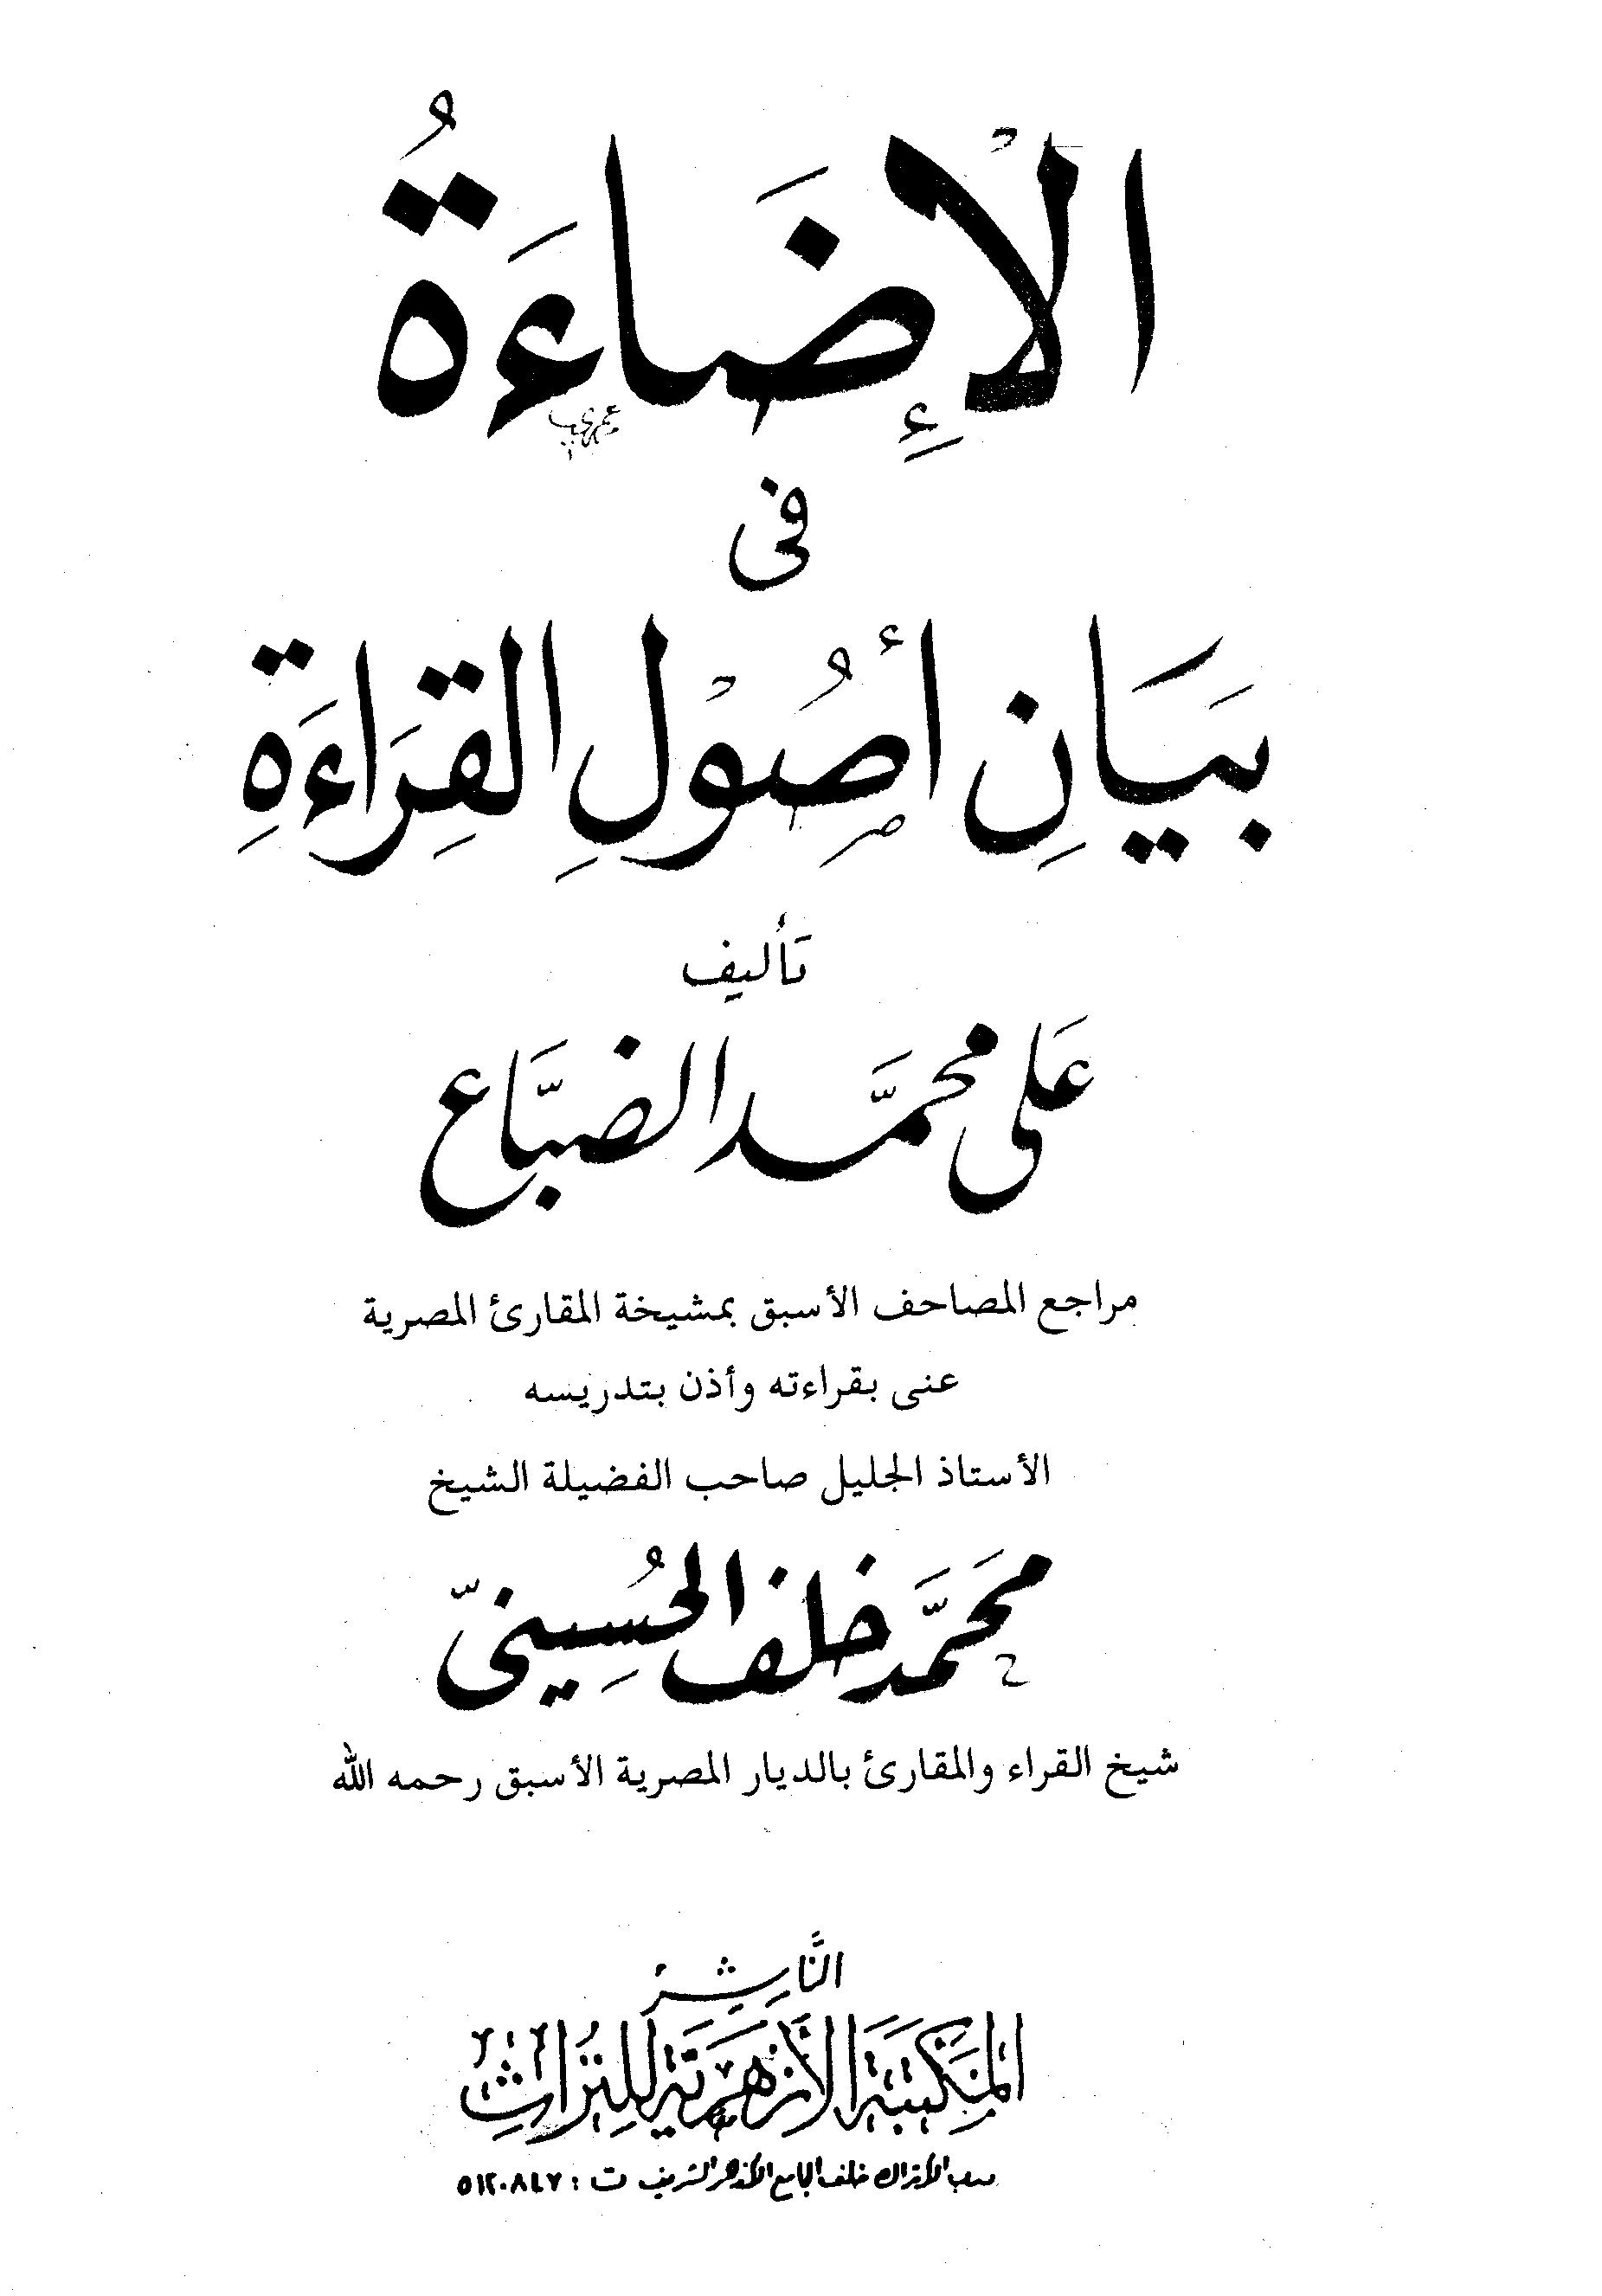 تحميل كتاب الإضاءة في بيان أصول القراءة لـِ: الشيخ نور الدين علي بن محمد بن حسن المصري، الملقب بالضباع (ت 1380)